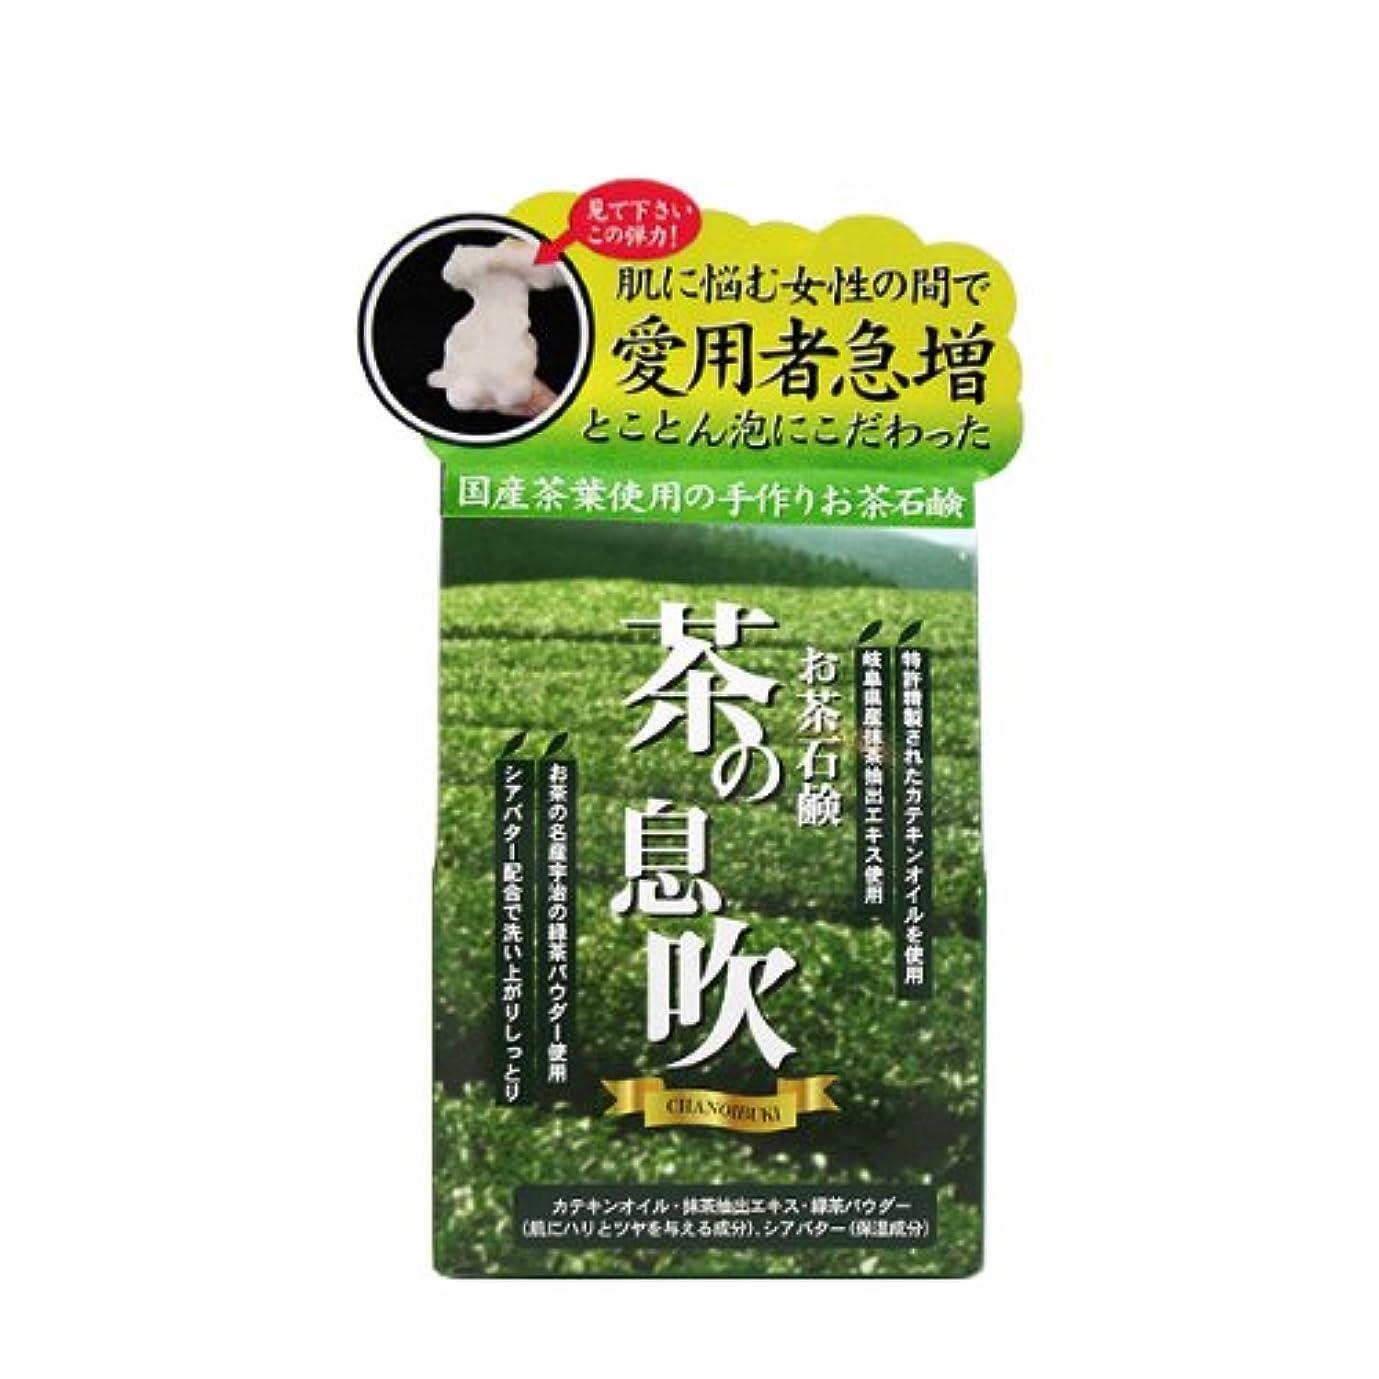 障害者ジュニアコード進製作所 茶の息吹 標準重量90g